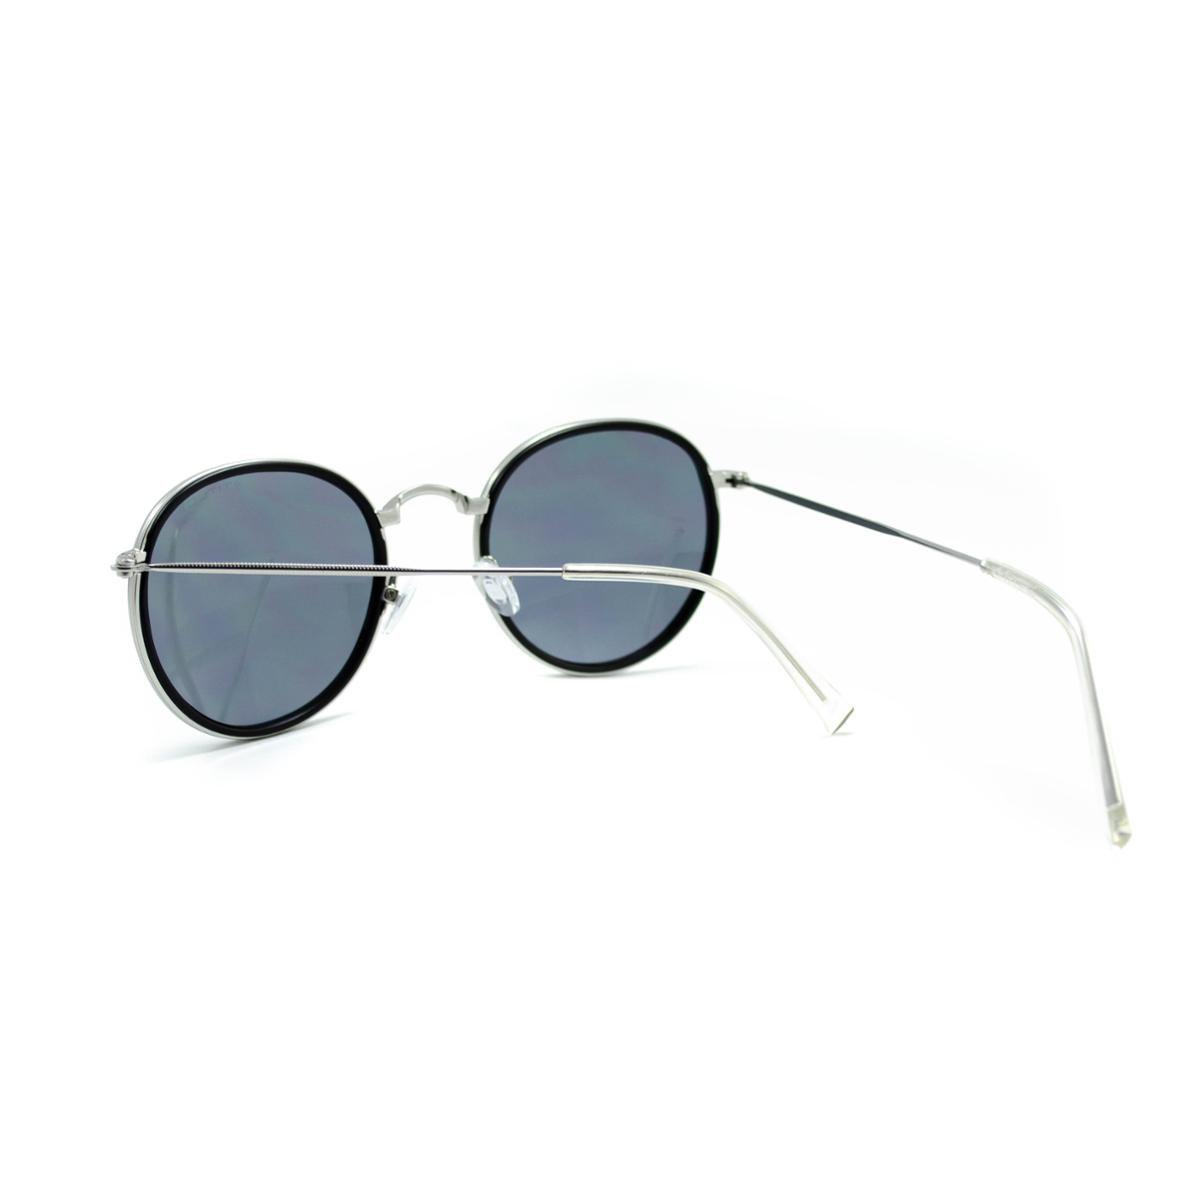 1da7f1c177234 Óculos de Sol Atitude - AT3192 04B - Preto e Prata - Compre Agora ...